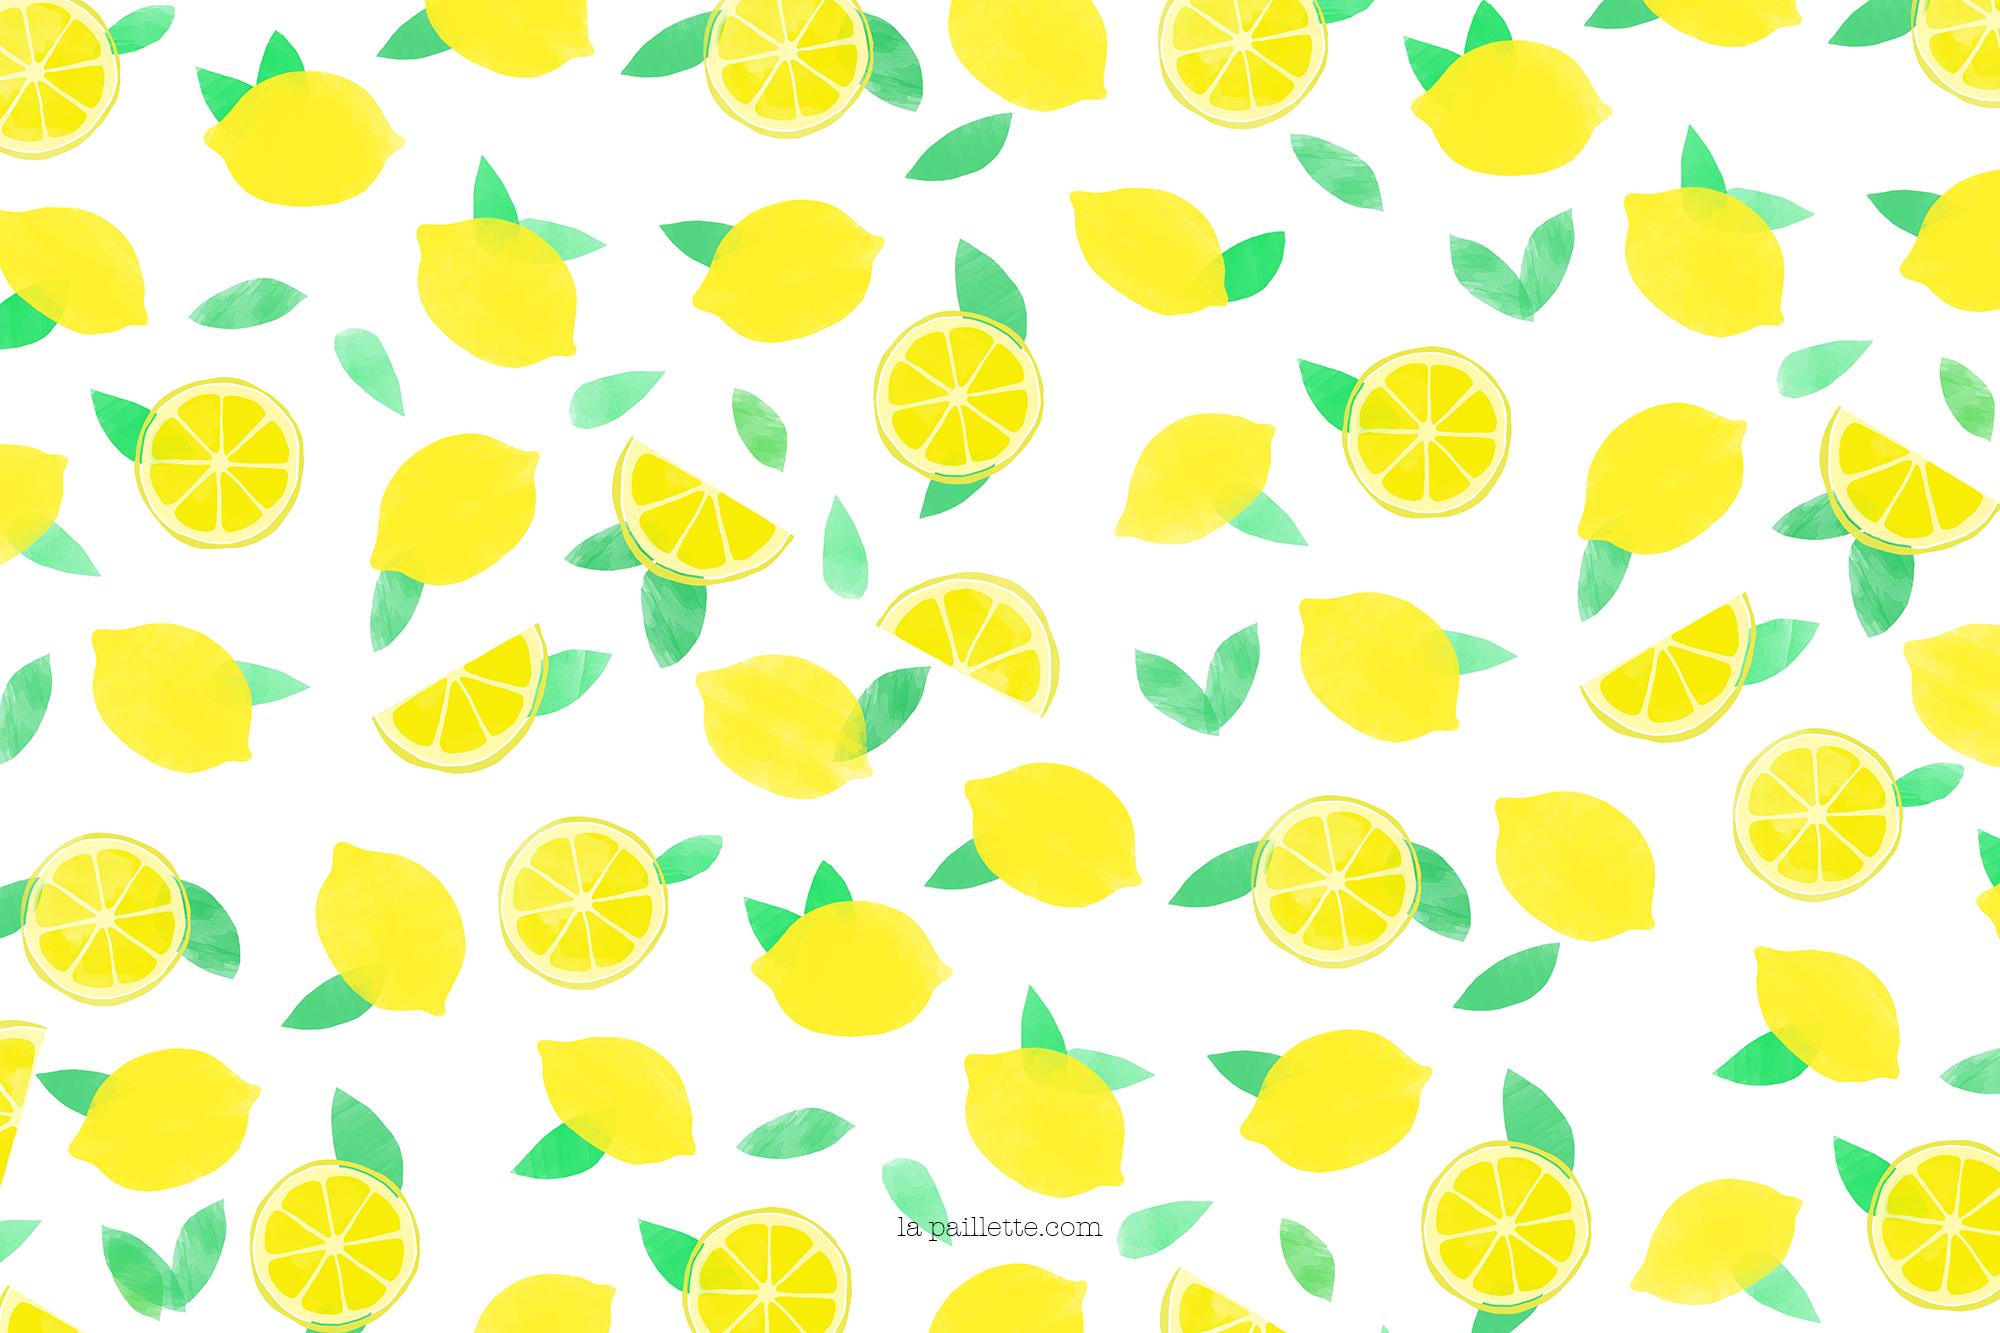 Claire la paillette blog rennes illustratrice fond ecran citrons motif